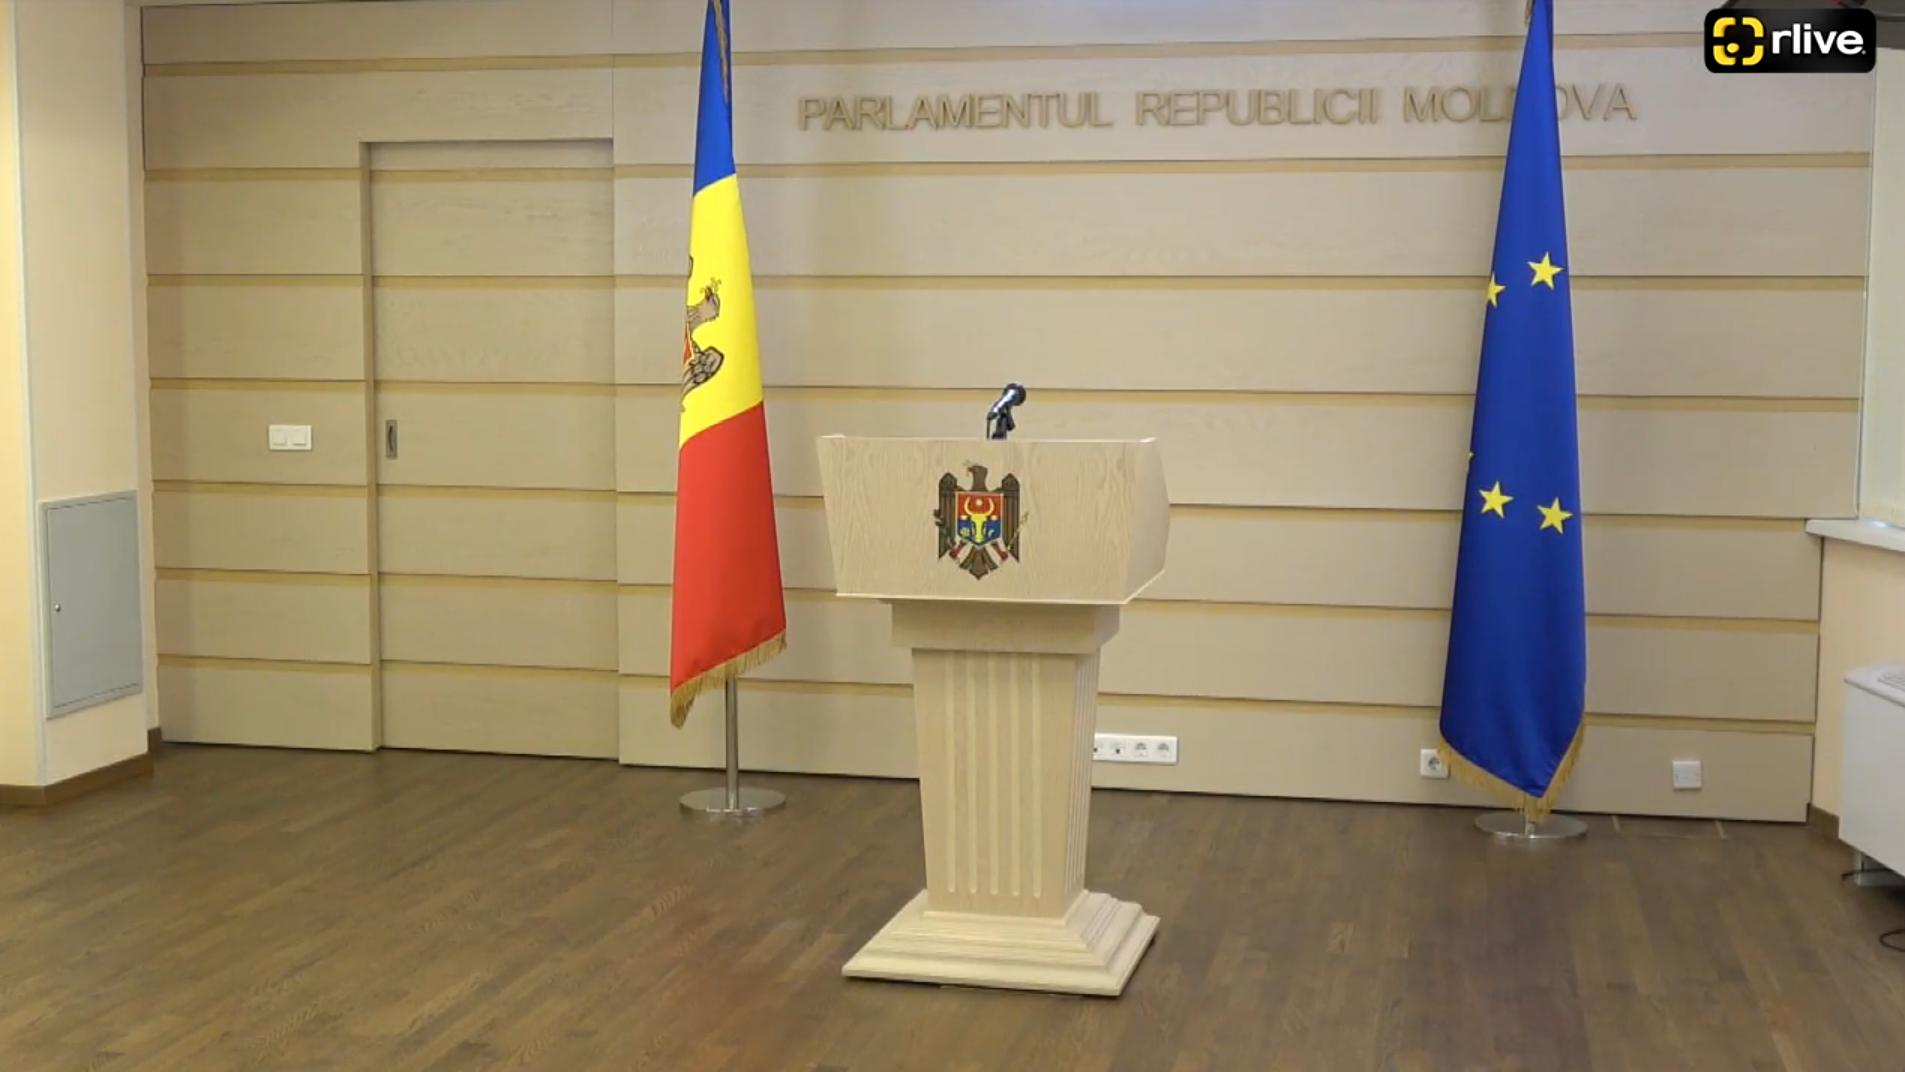 Agenda - Deputații Alexandru Slusari și Vasile-Andrei Năstase susţin un briefing de presă cu privire la activitatea Agenției Servicii Publice